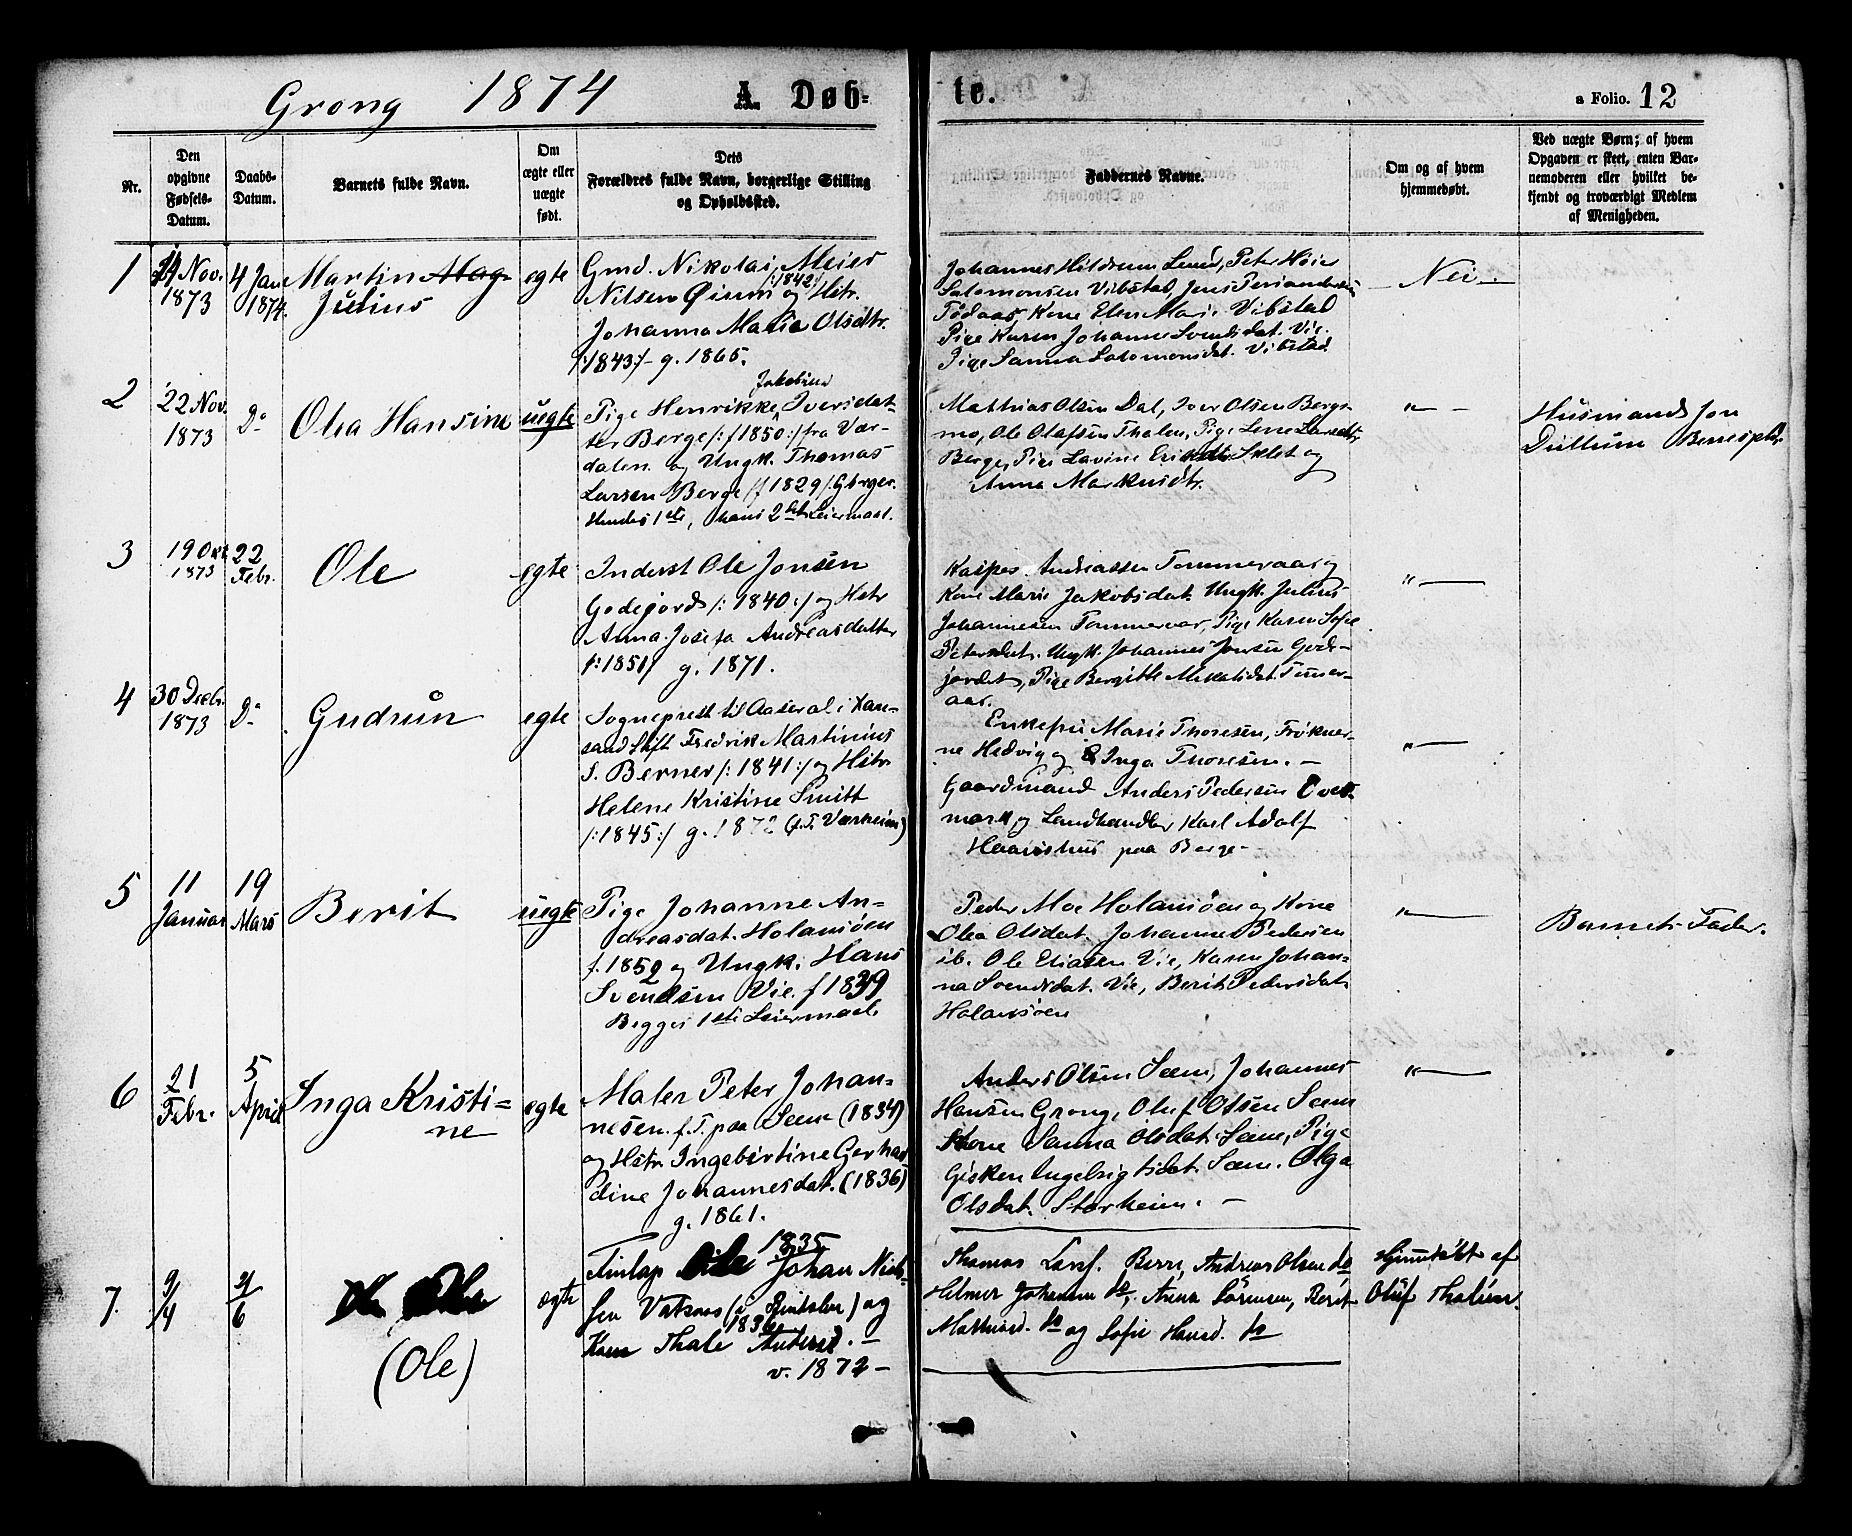 SAT, Ministerialprotokoller, klokkerbøker og fødselsregistre - Nord-Trøndelag, 758/L0516: Ministerialbok nr. 758A03 /1, 1869-1879, s. 12